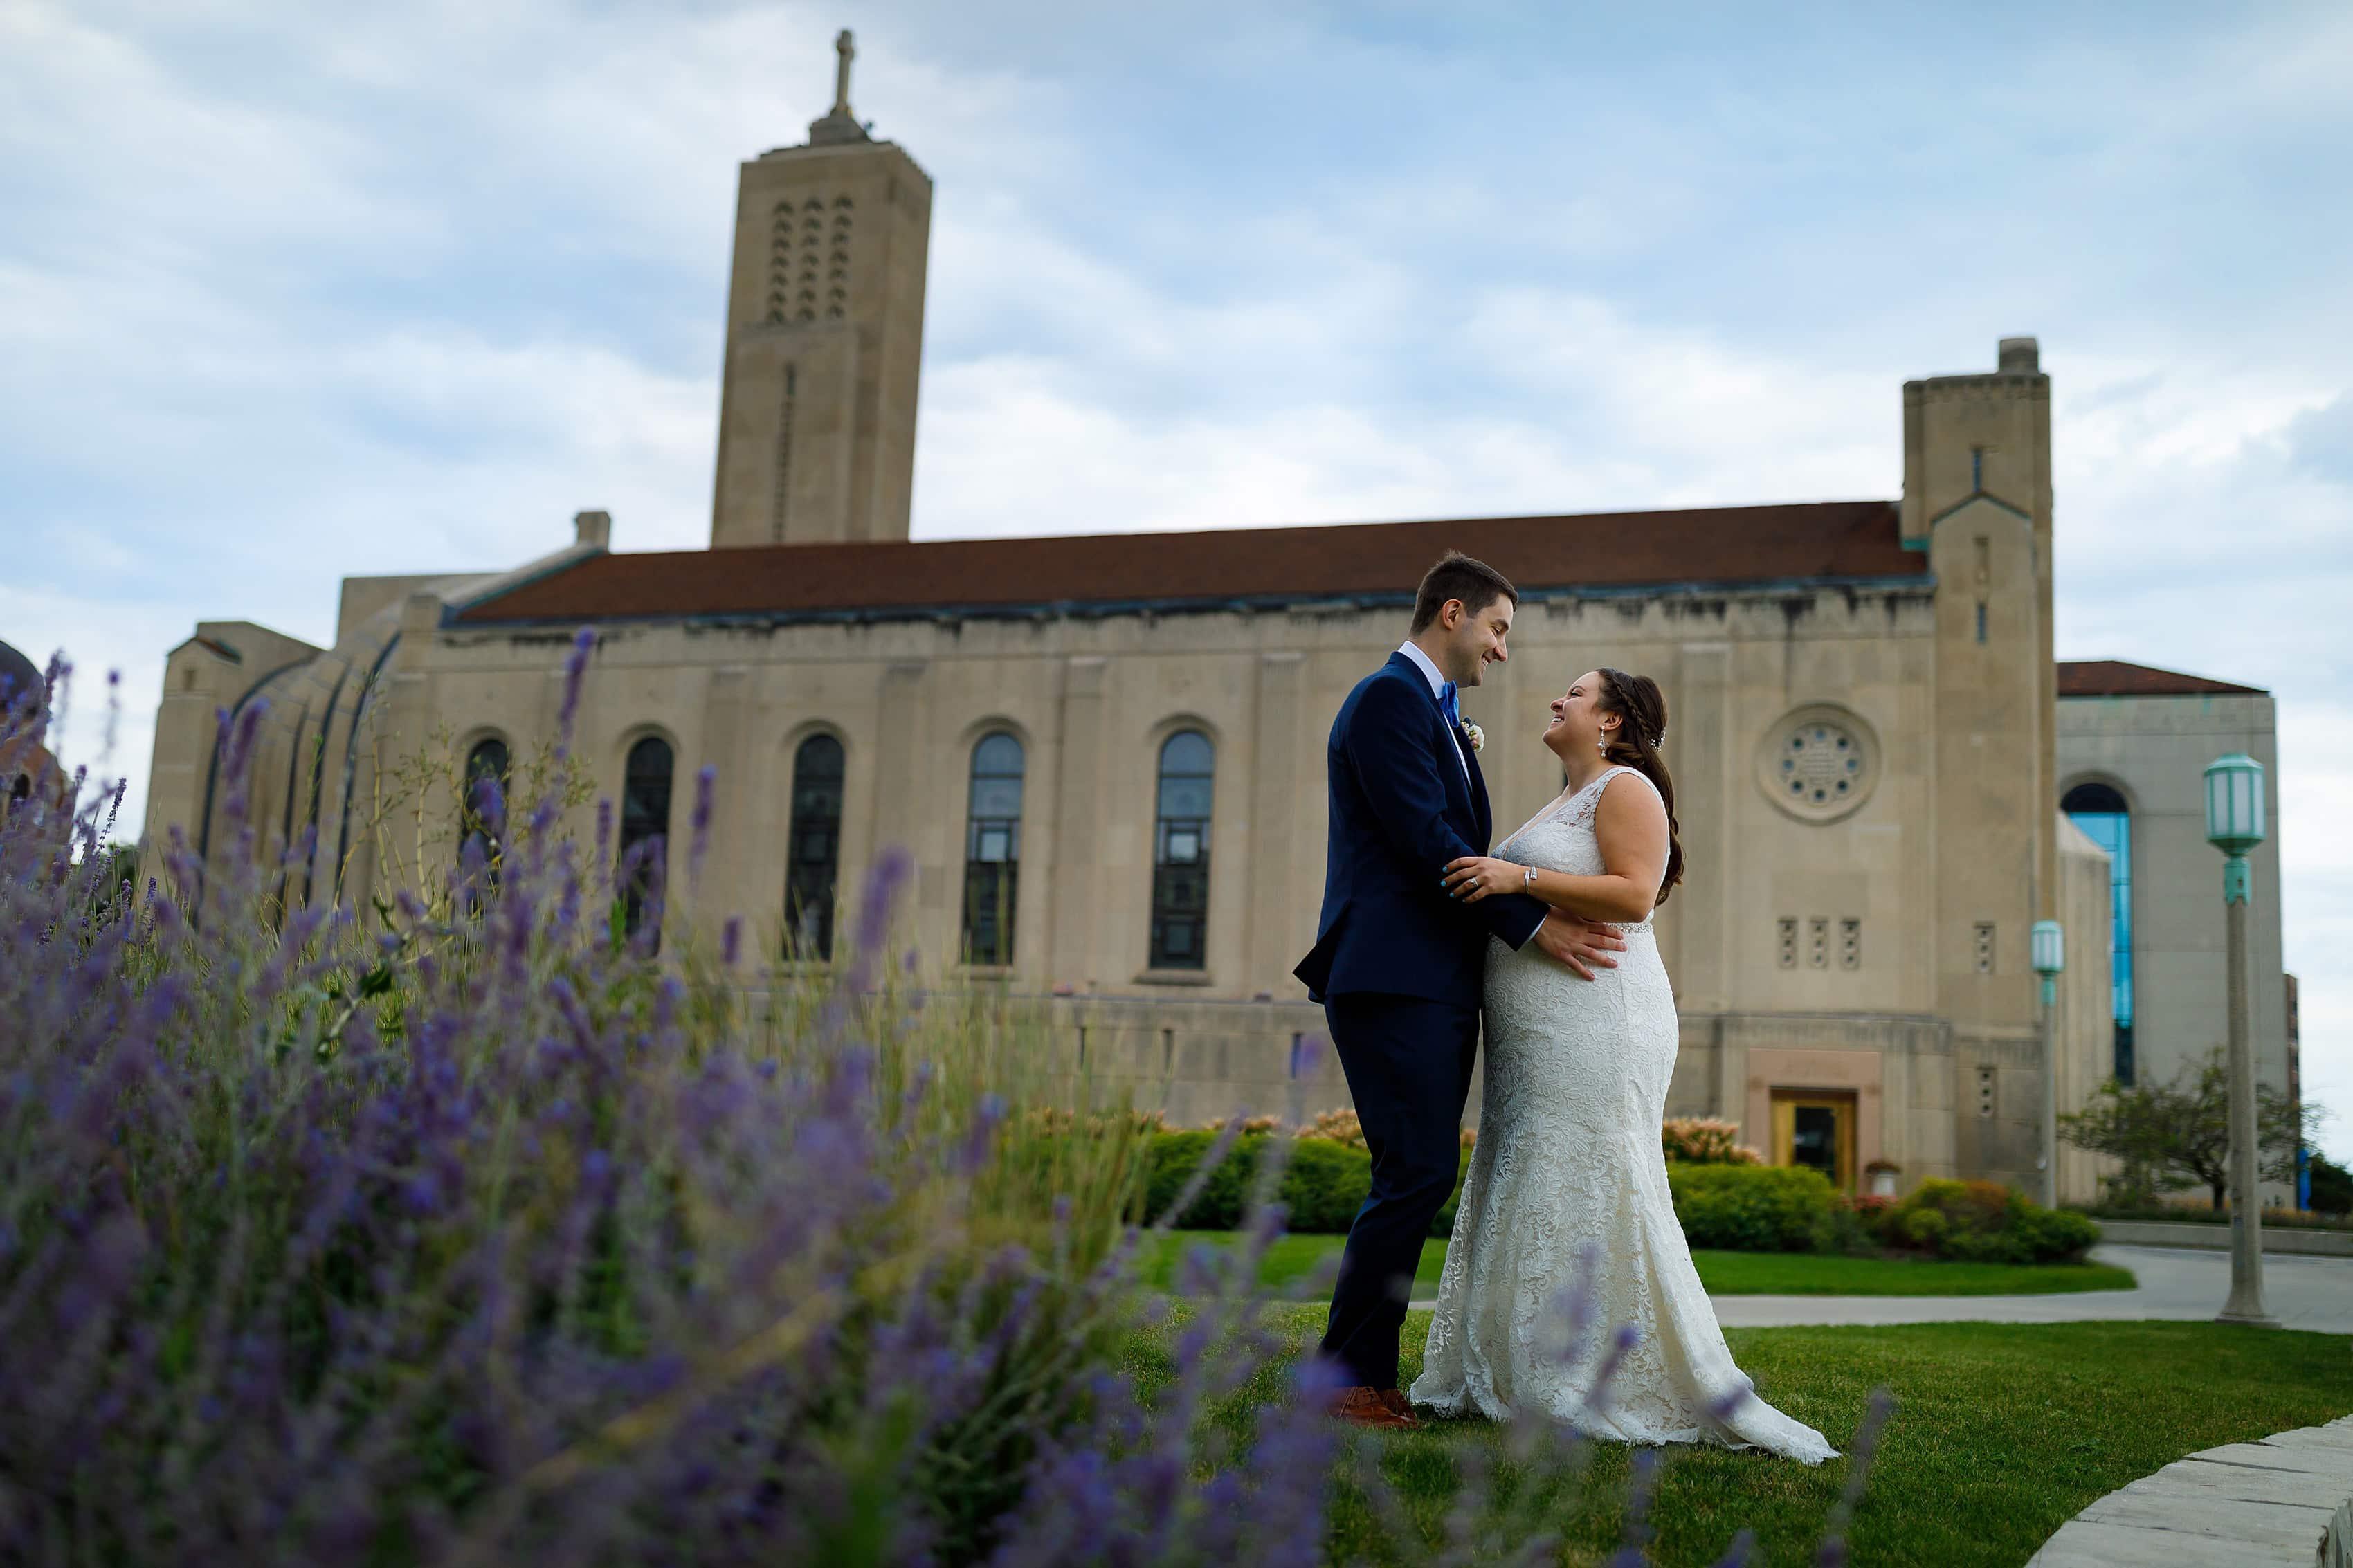 wedding portrait with bride and groom at Madonna Della Strada Chapel on Loyola University campus